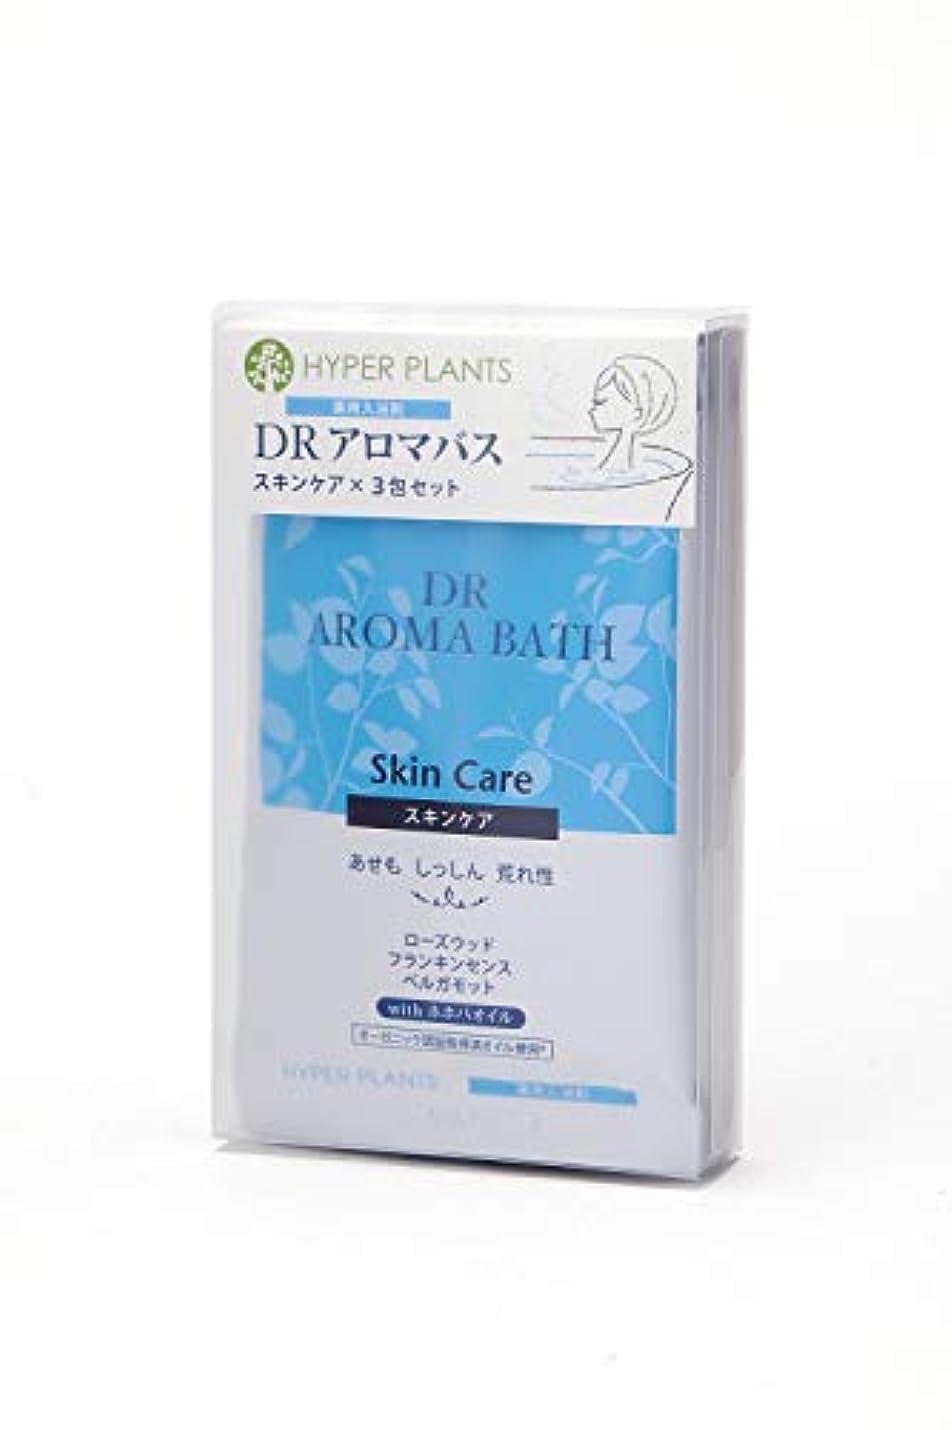 東方開示するフェンス医薬部外品 薬用入浴剤 ハイパープランツ DRアロマバス スキンケア 3包セット